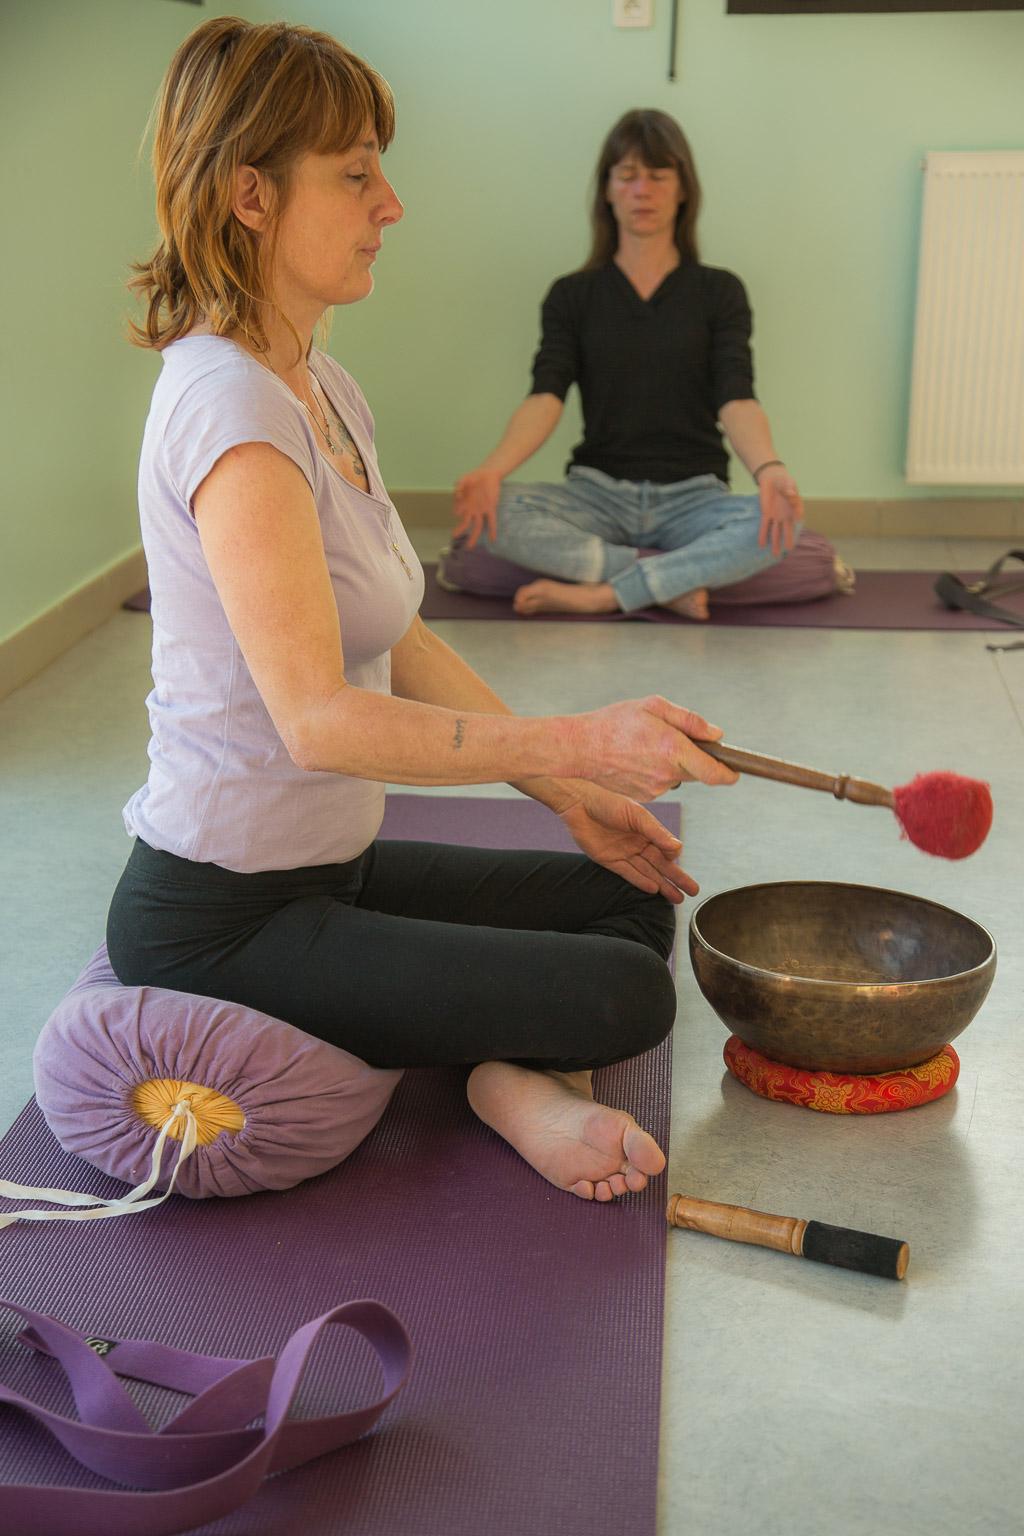 méditation sur le son du bol, cours de yoga de Lucile Gehin à Mauvezin